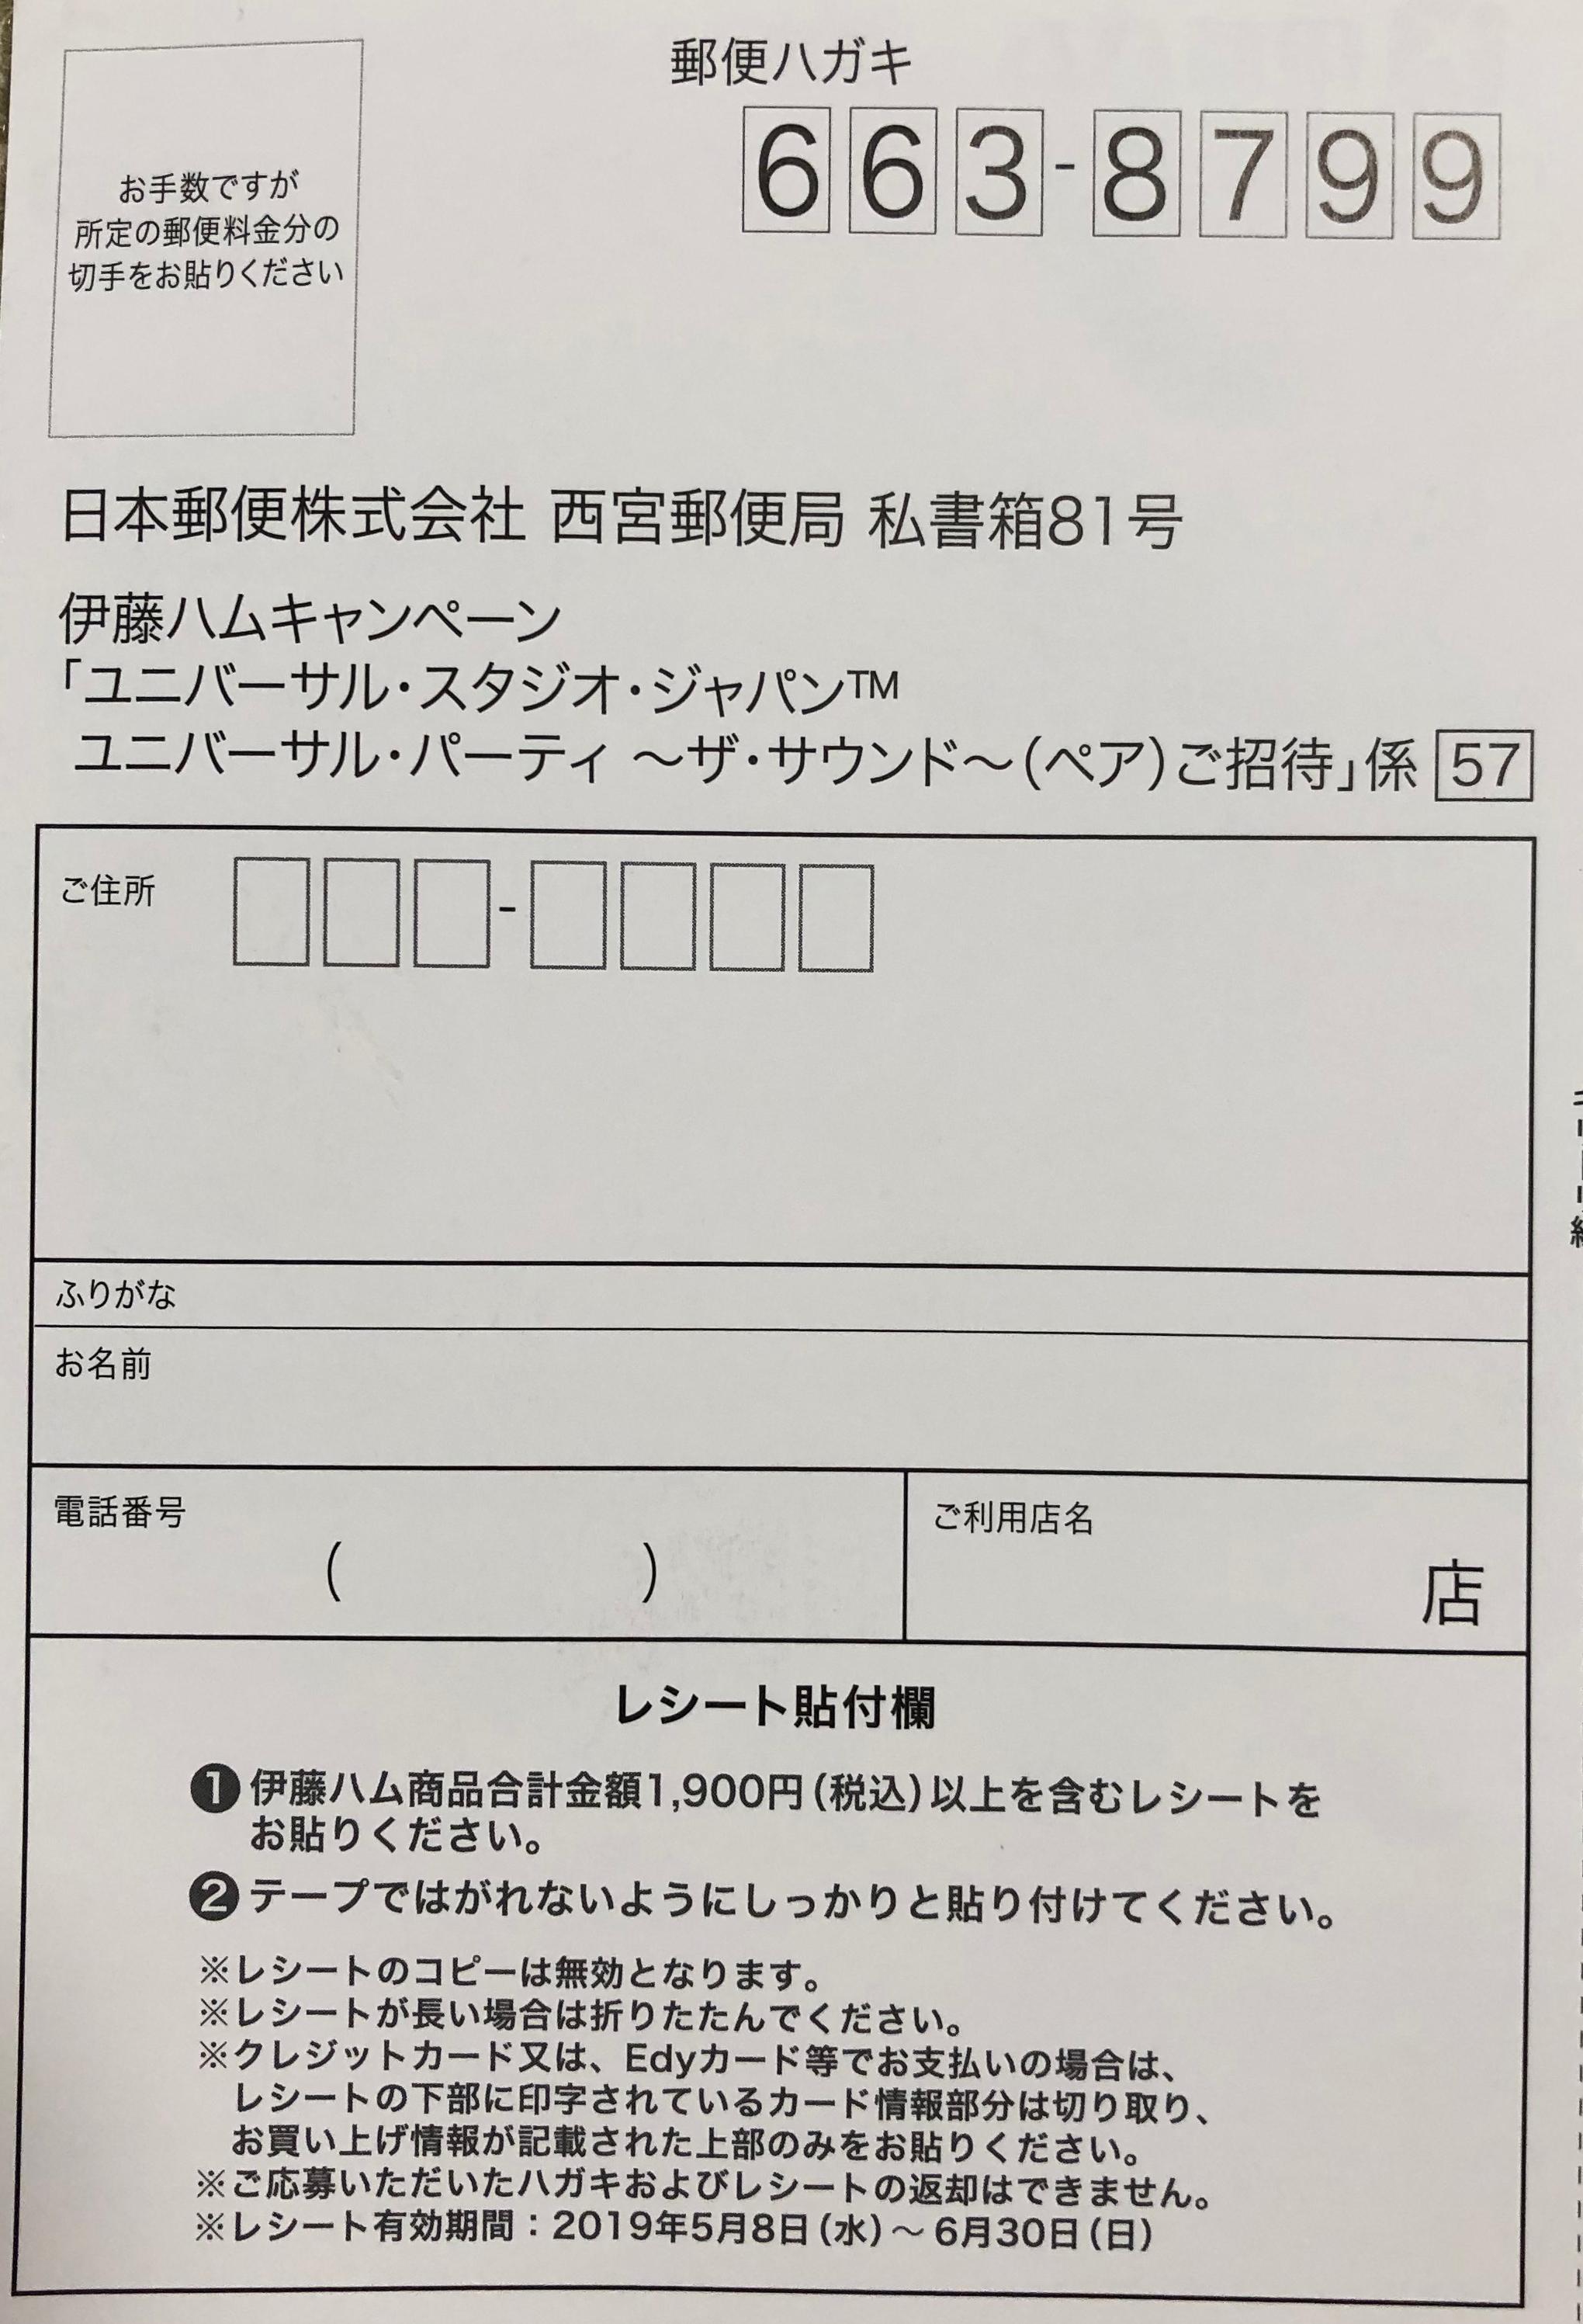 平和堂 ユニバ 伊藤ハム